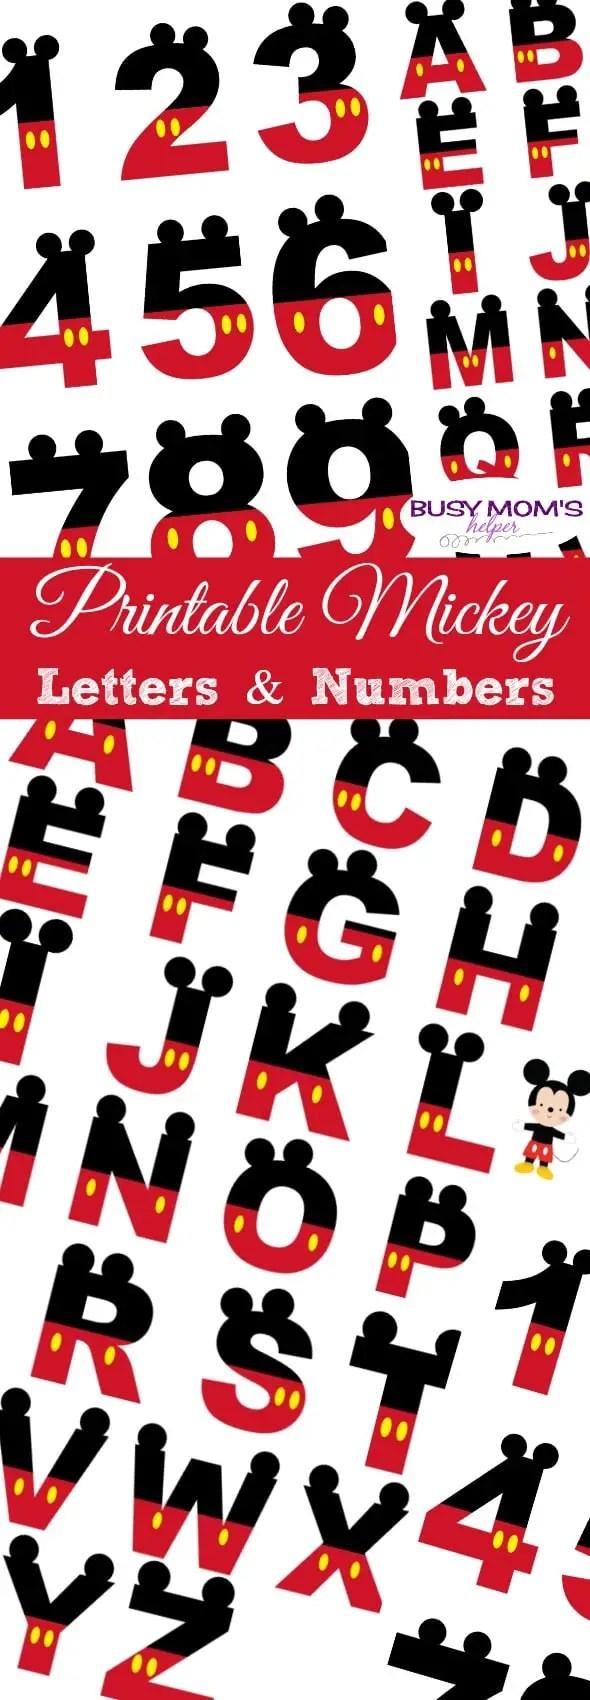 Free Printable Mickey Letters & Numbers #disney #mickeymouse #banner #printable #freeprintable #mickeyletters #mickeynumbers